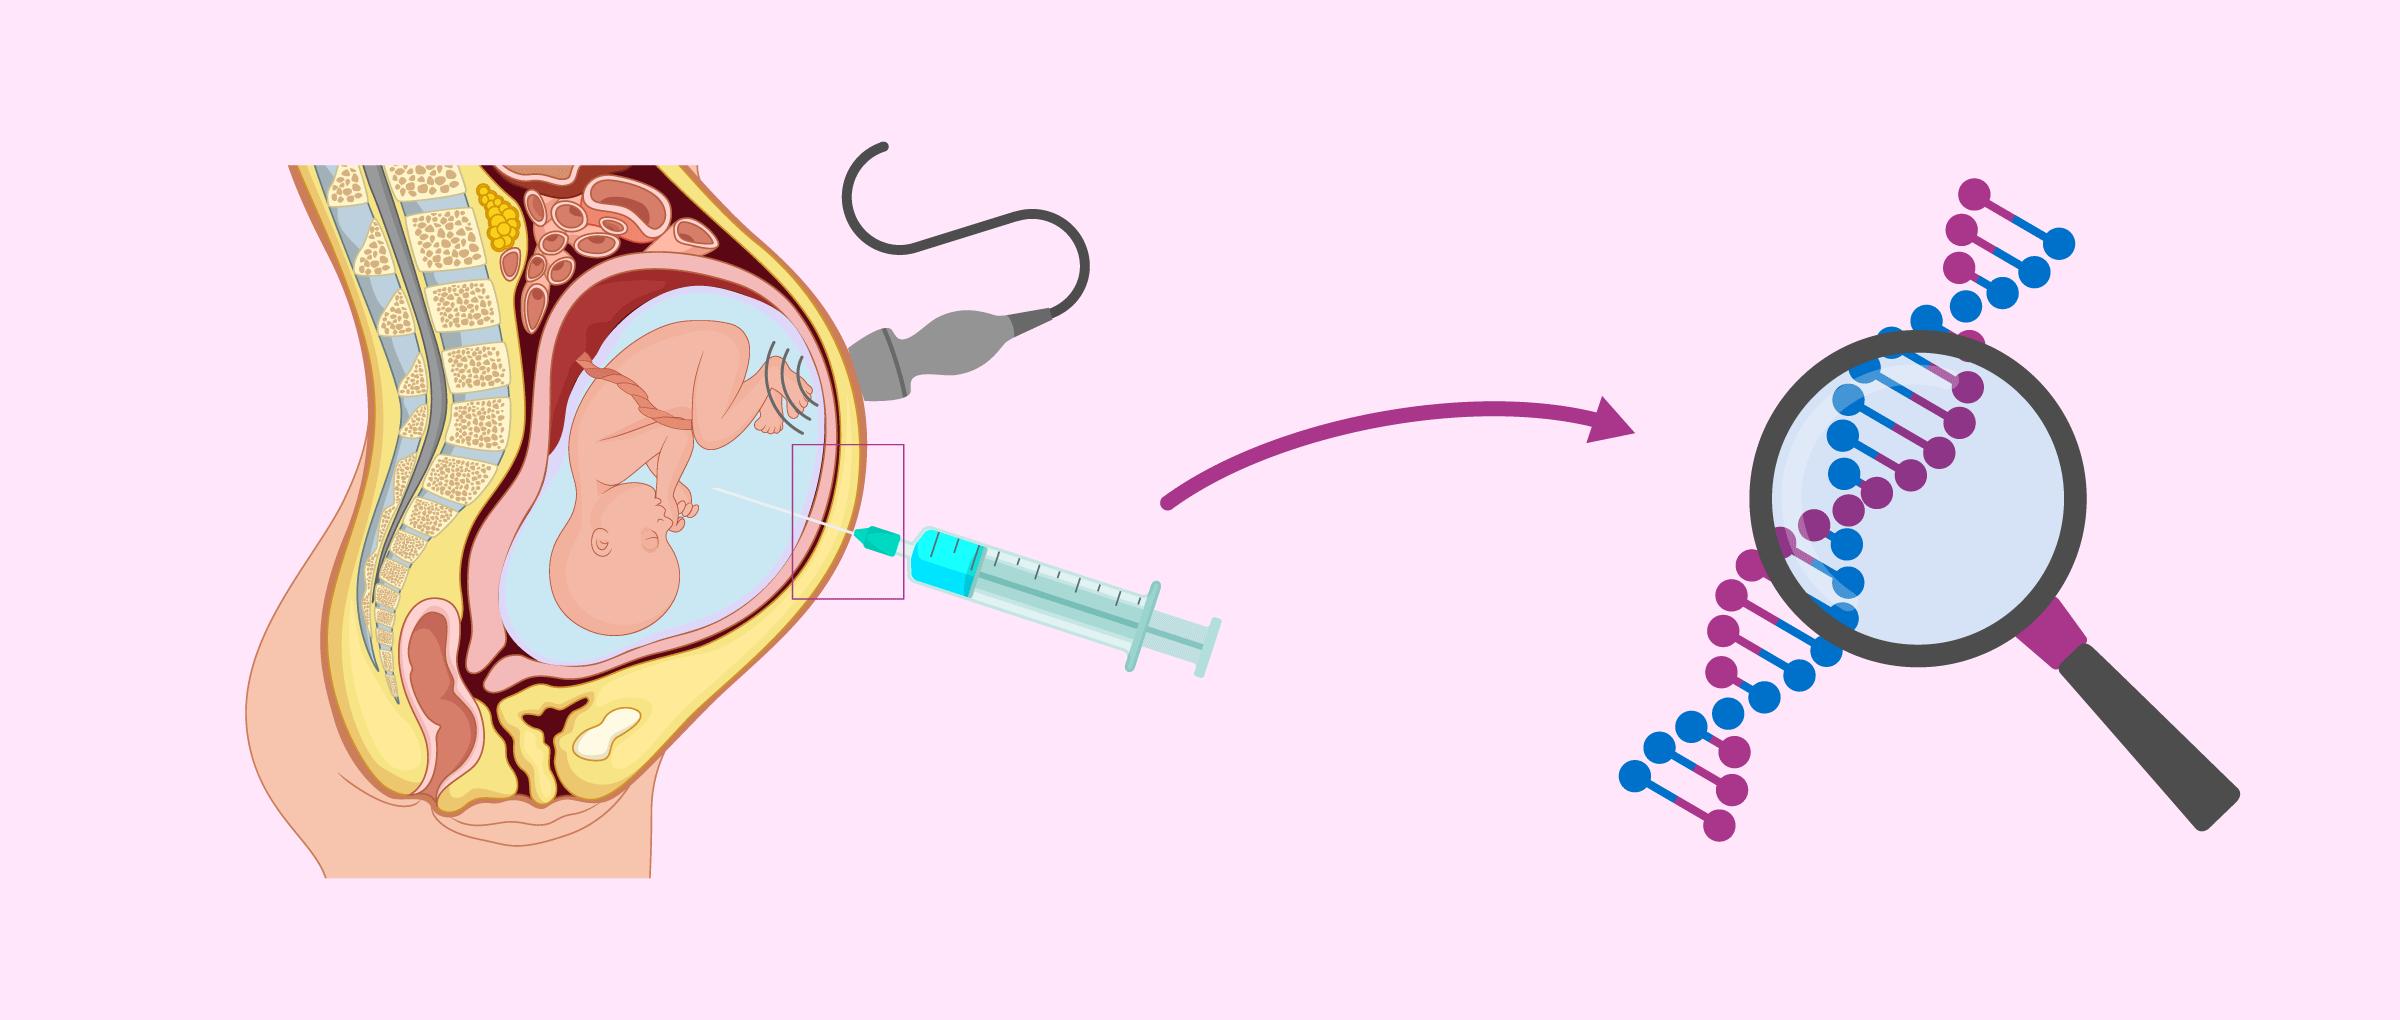 4 meses de embarazo: síntomas en la madre y desarrollo del bebé